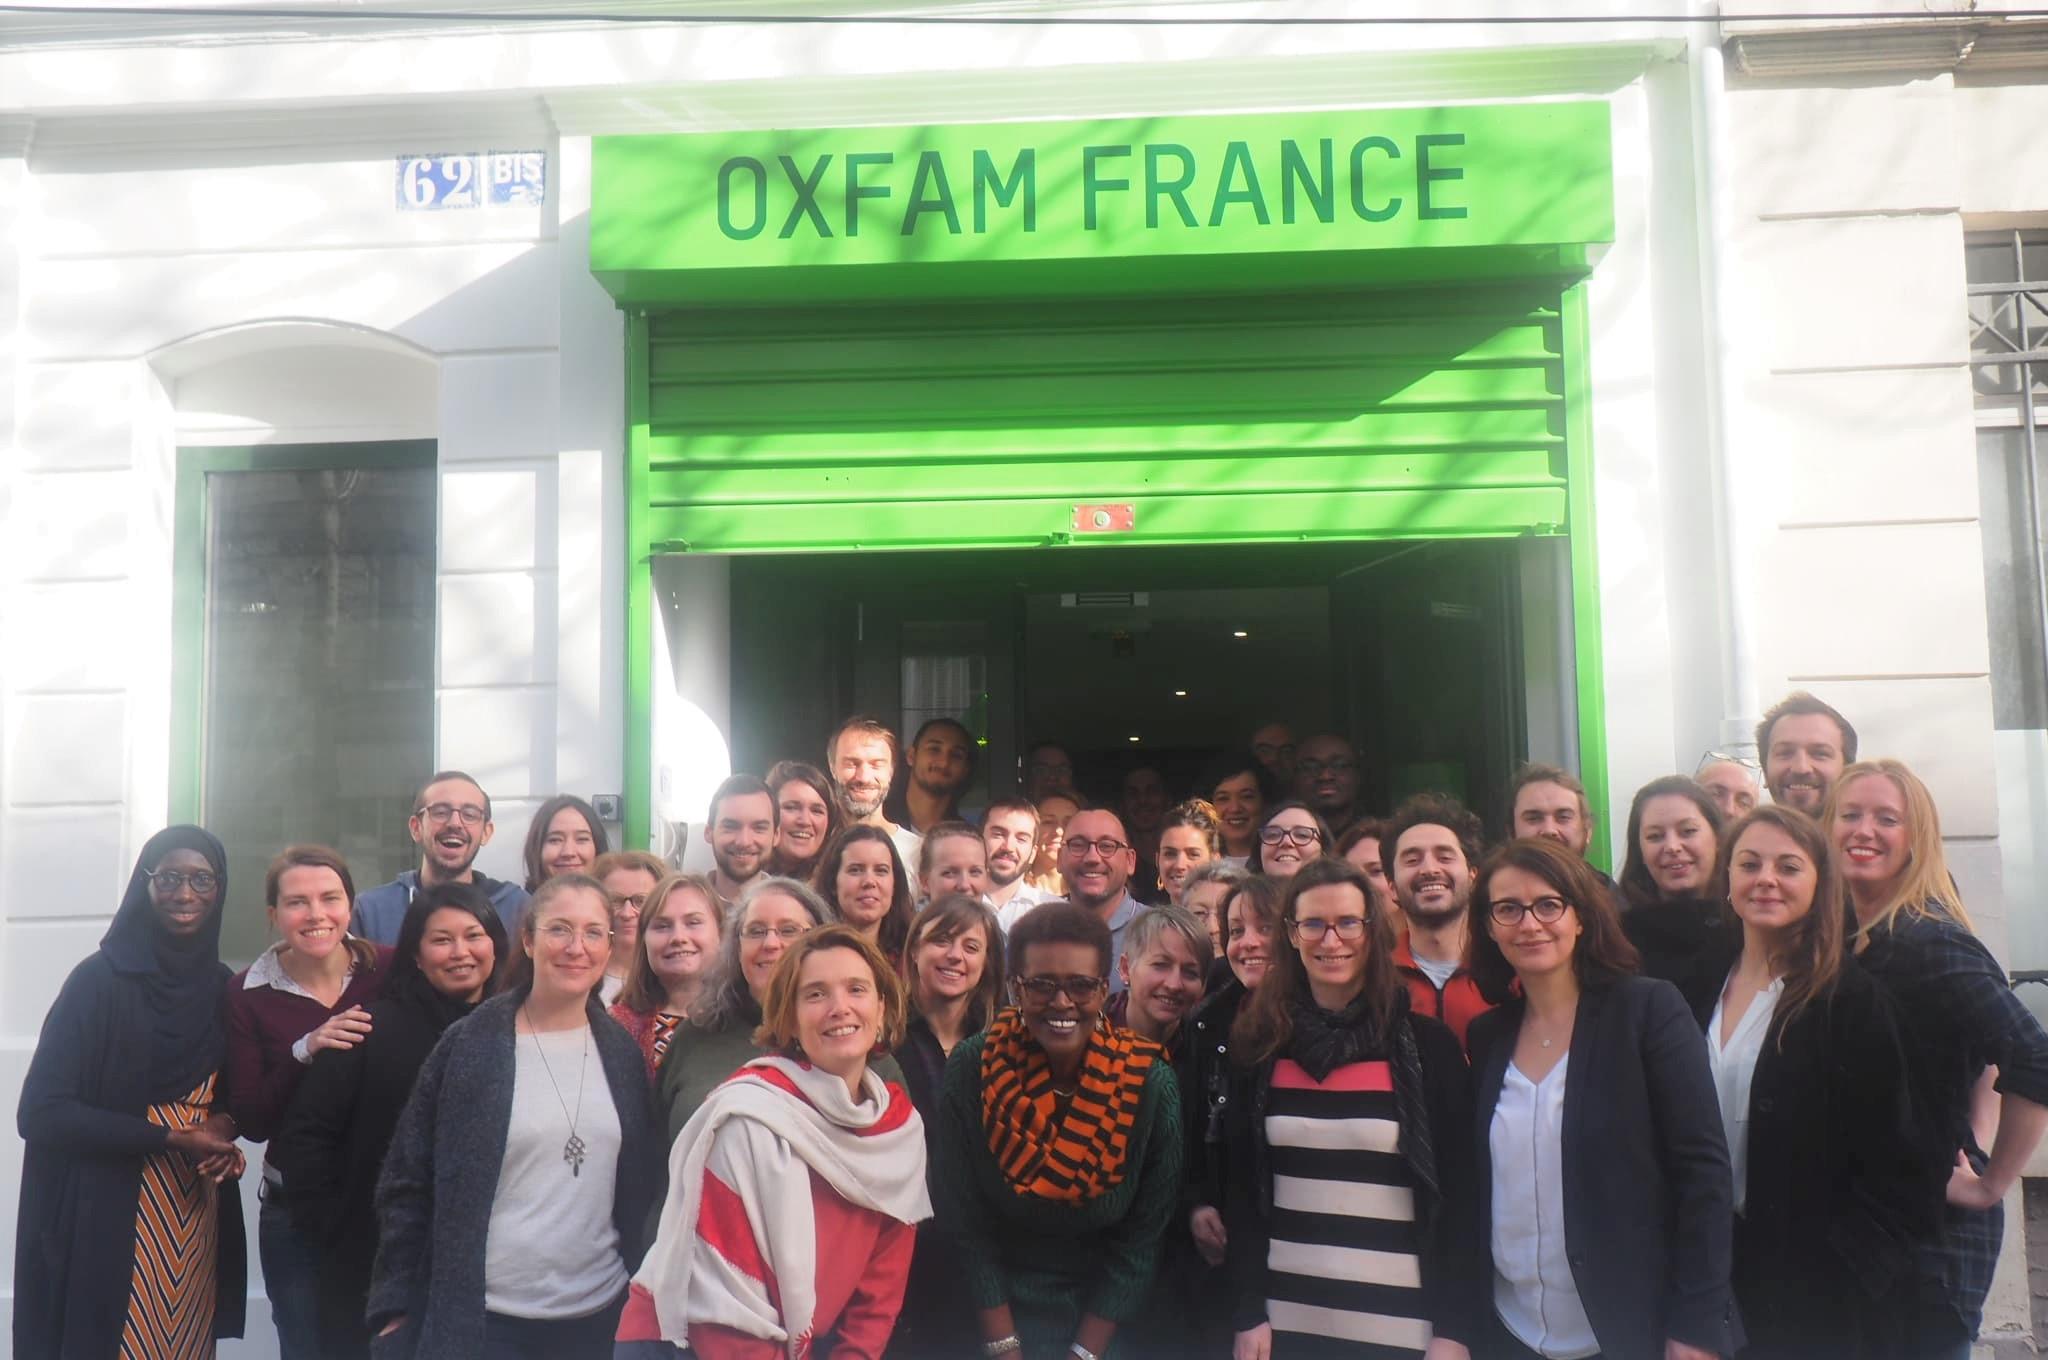 L'équipe d'Oxfam France, en compagnie de Winnie Byanyima, directrice exécutive d'Oxfam International, le 7 février 2019.